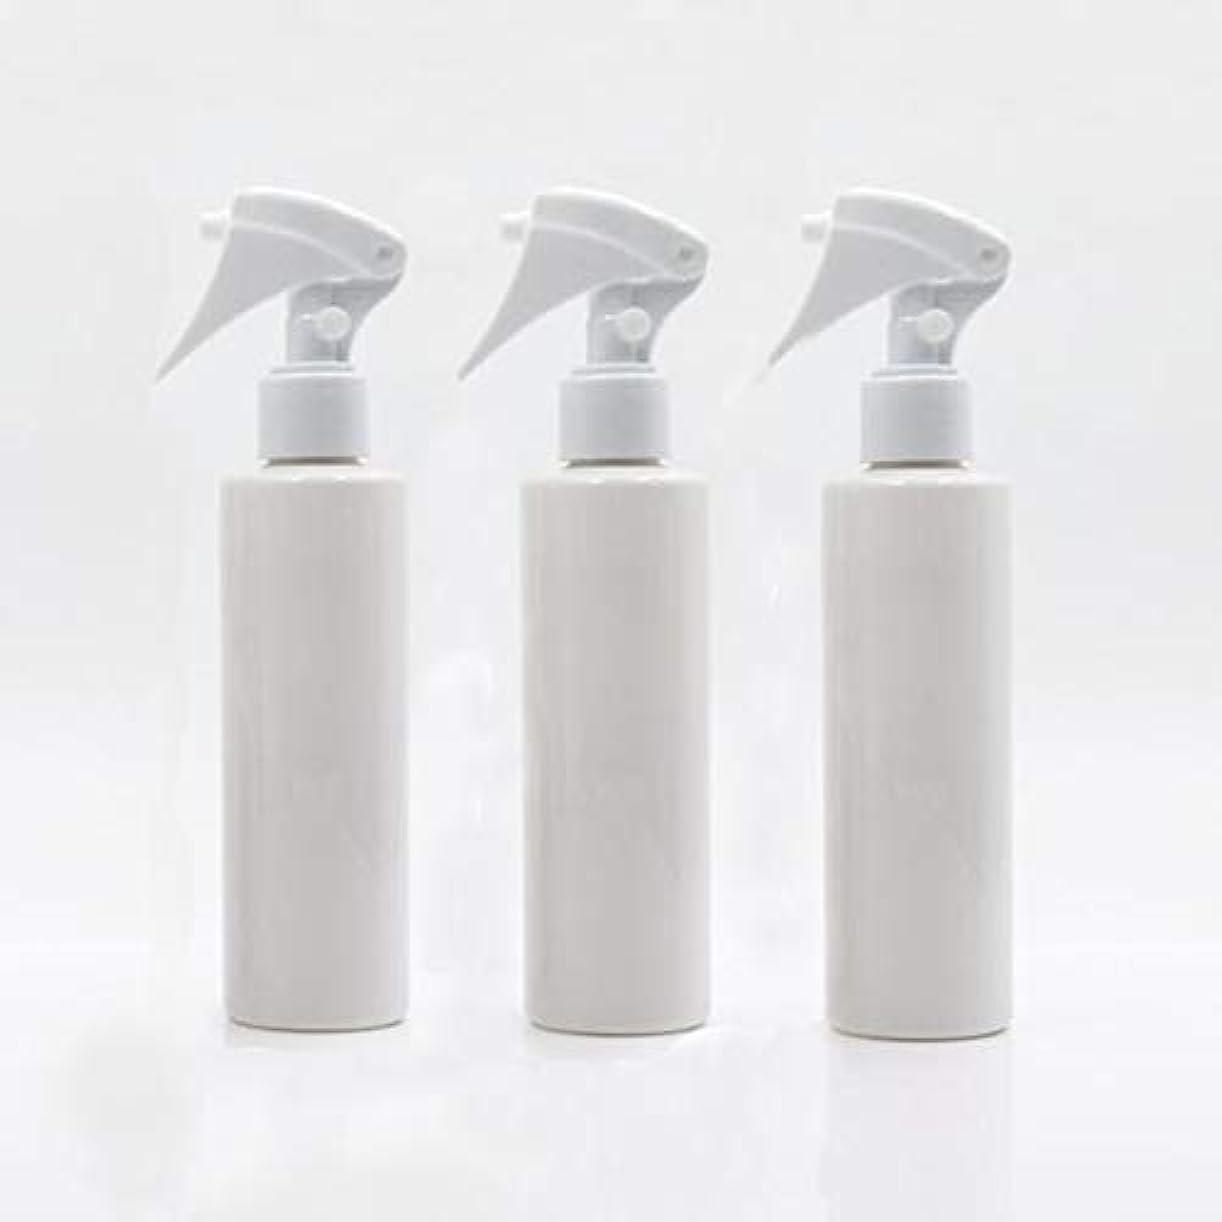 有効のフィルタHomewineasy 極細のミストを噴霧する スプレーボトル 詰め替え容器 200ml 3本セット (ホワイト)